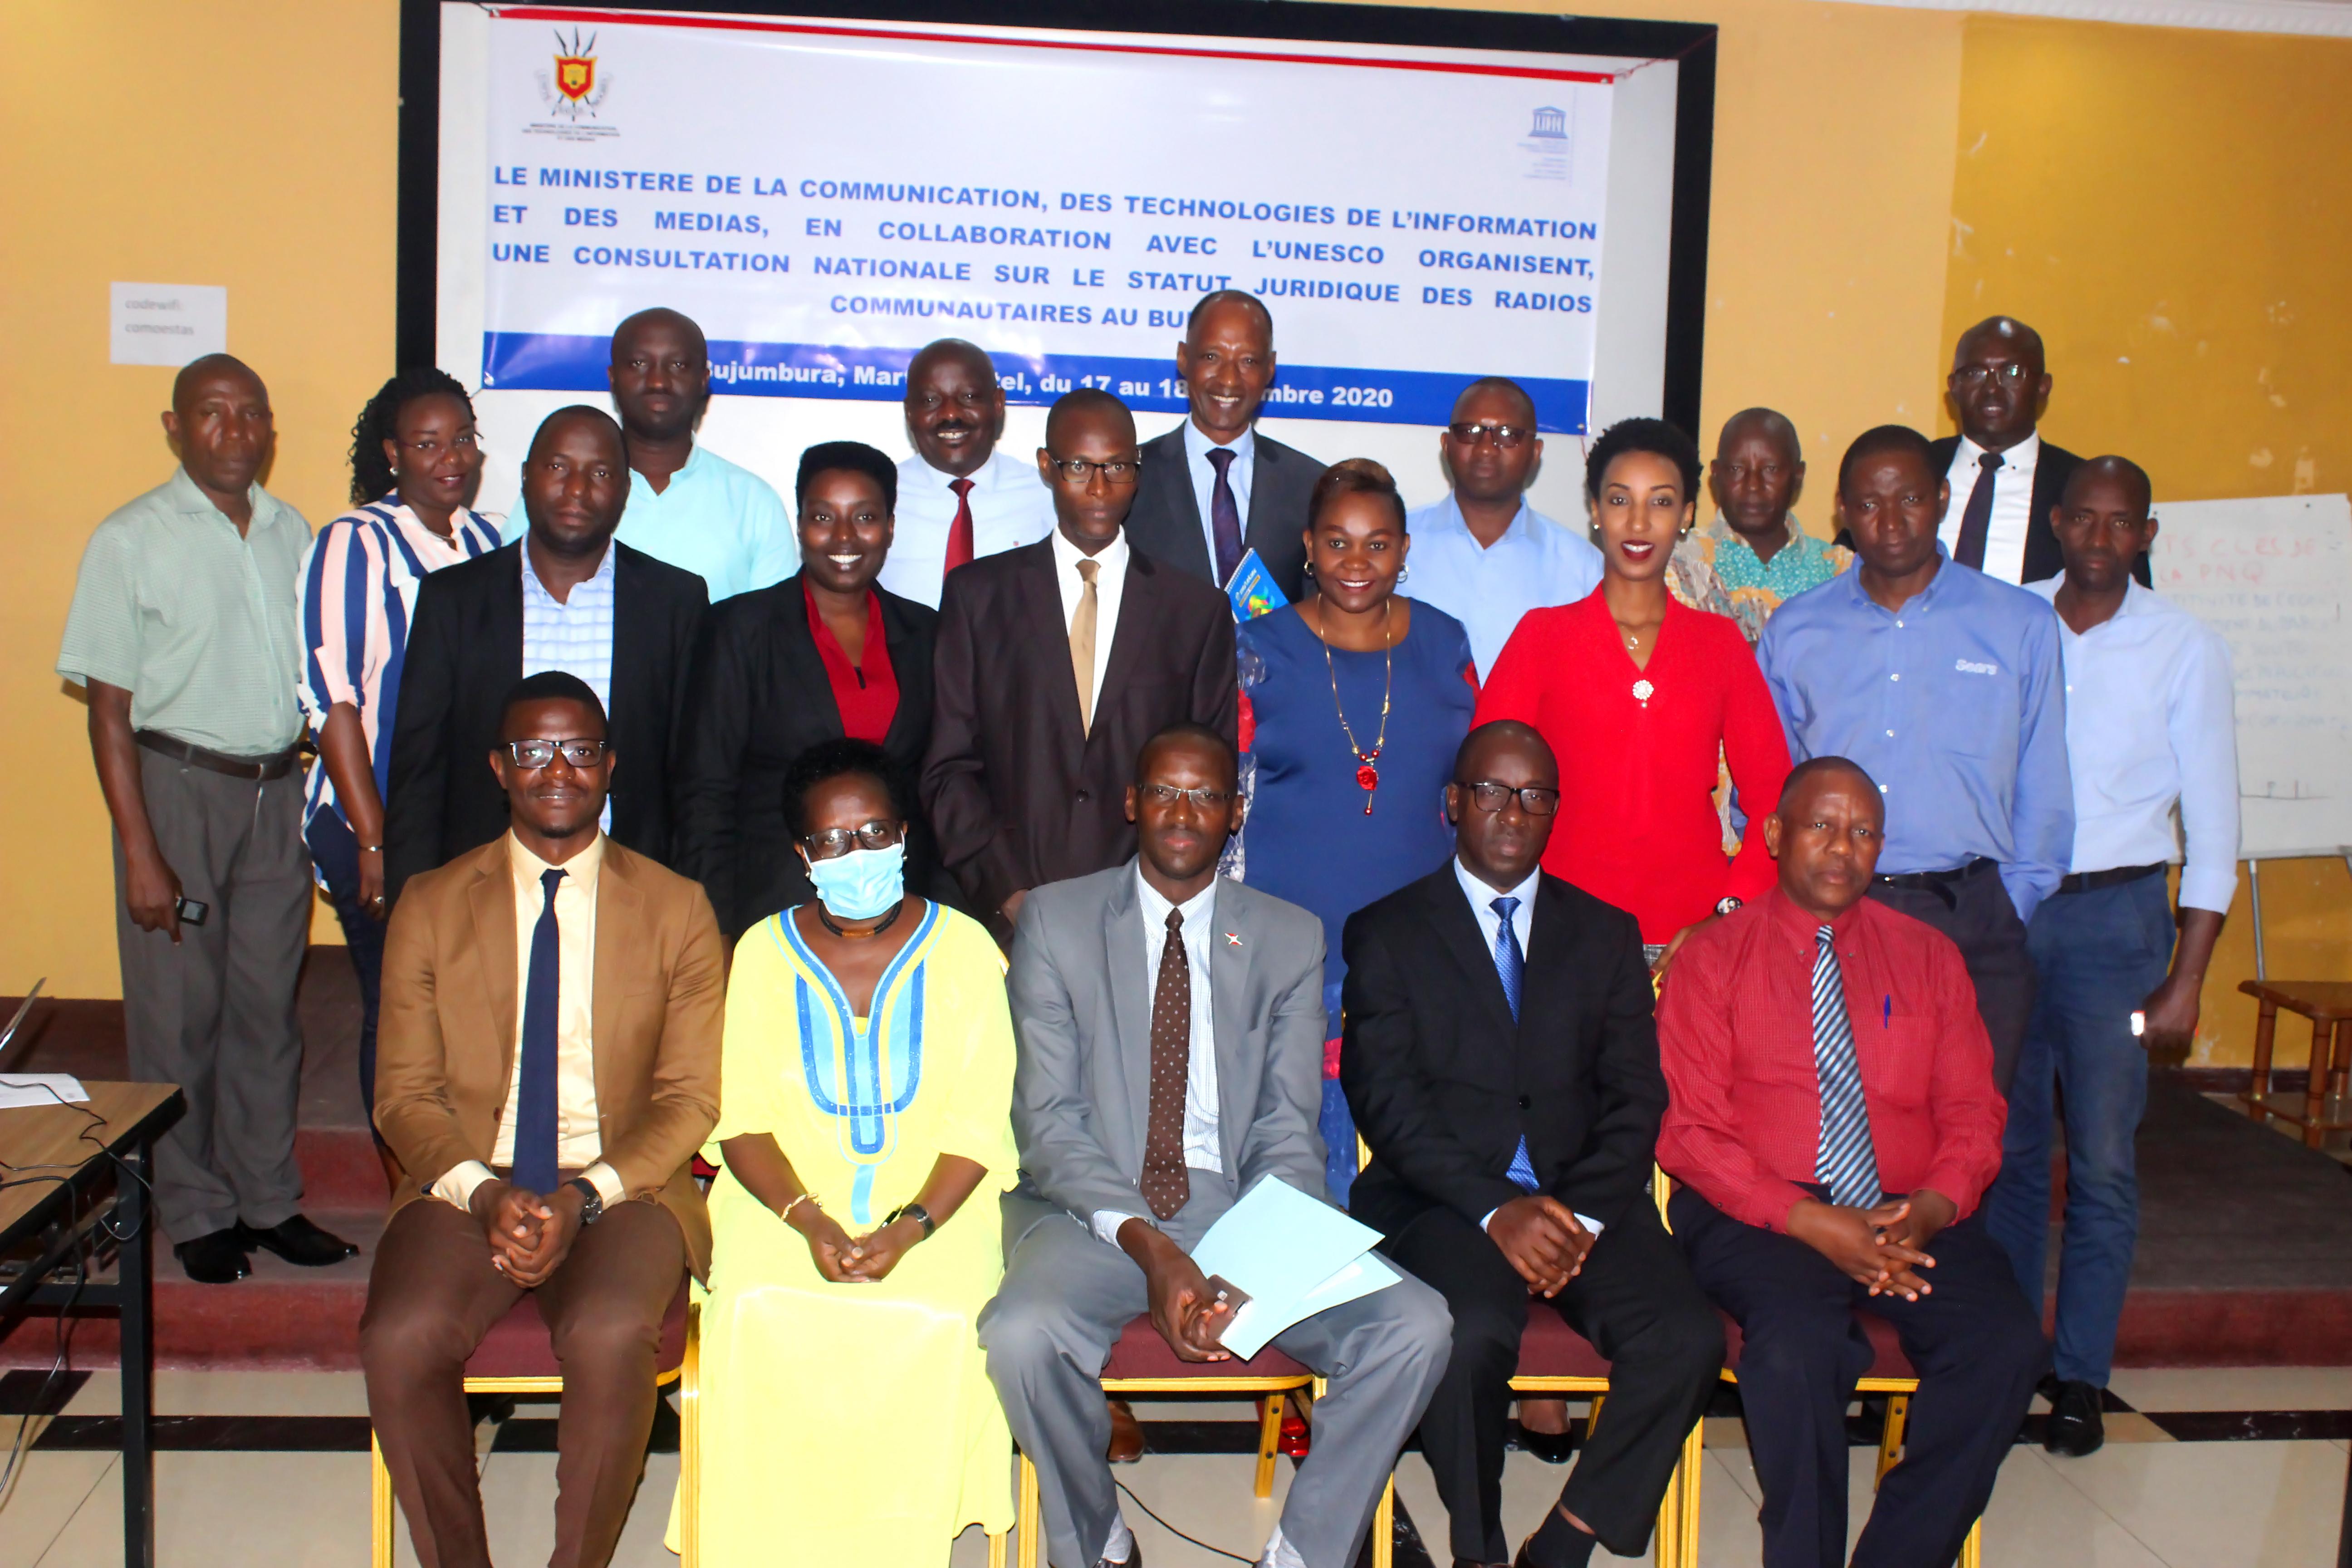 Vue des participants a la consultation nationale sur le statut legal des radios communaitaires au Burundi